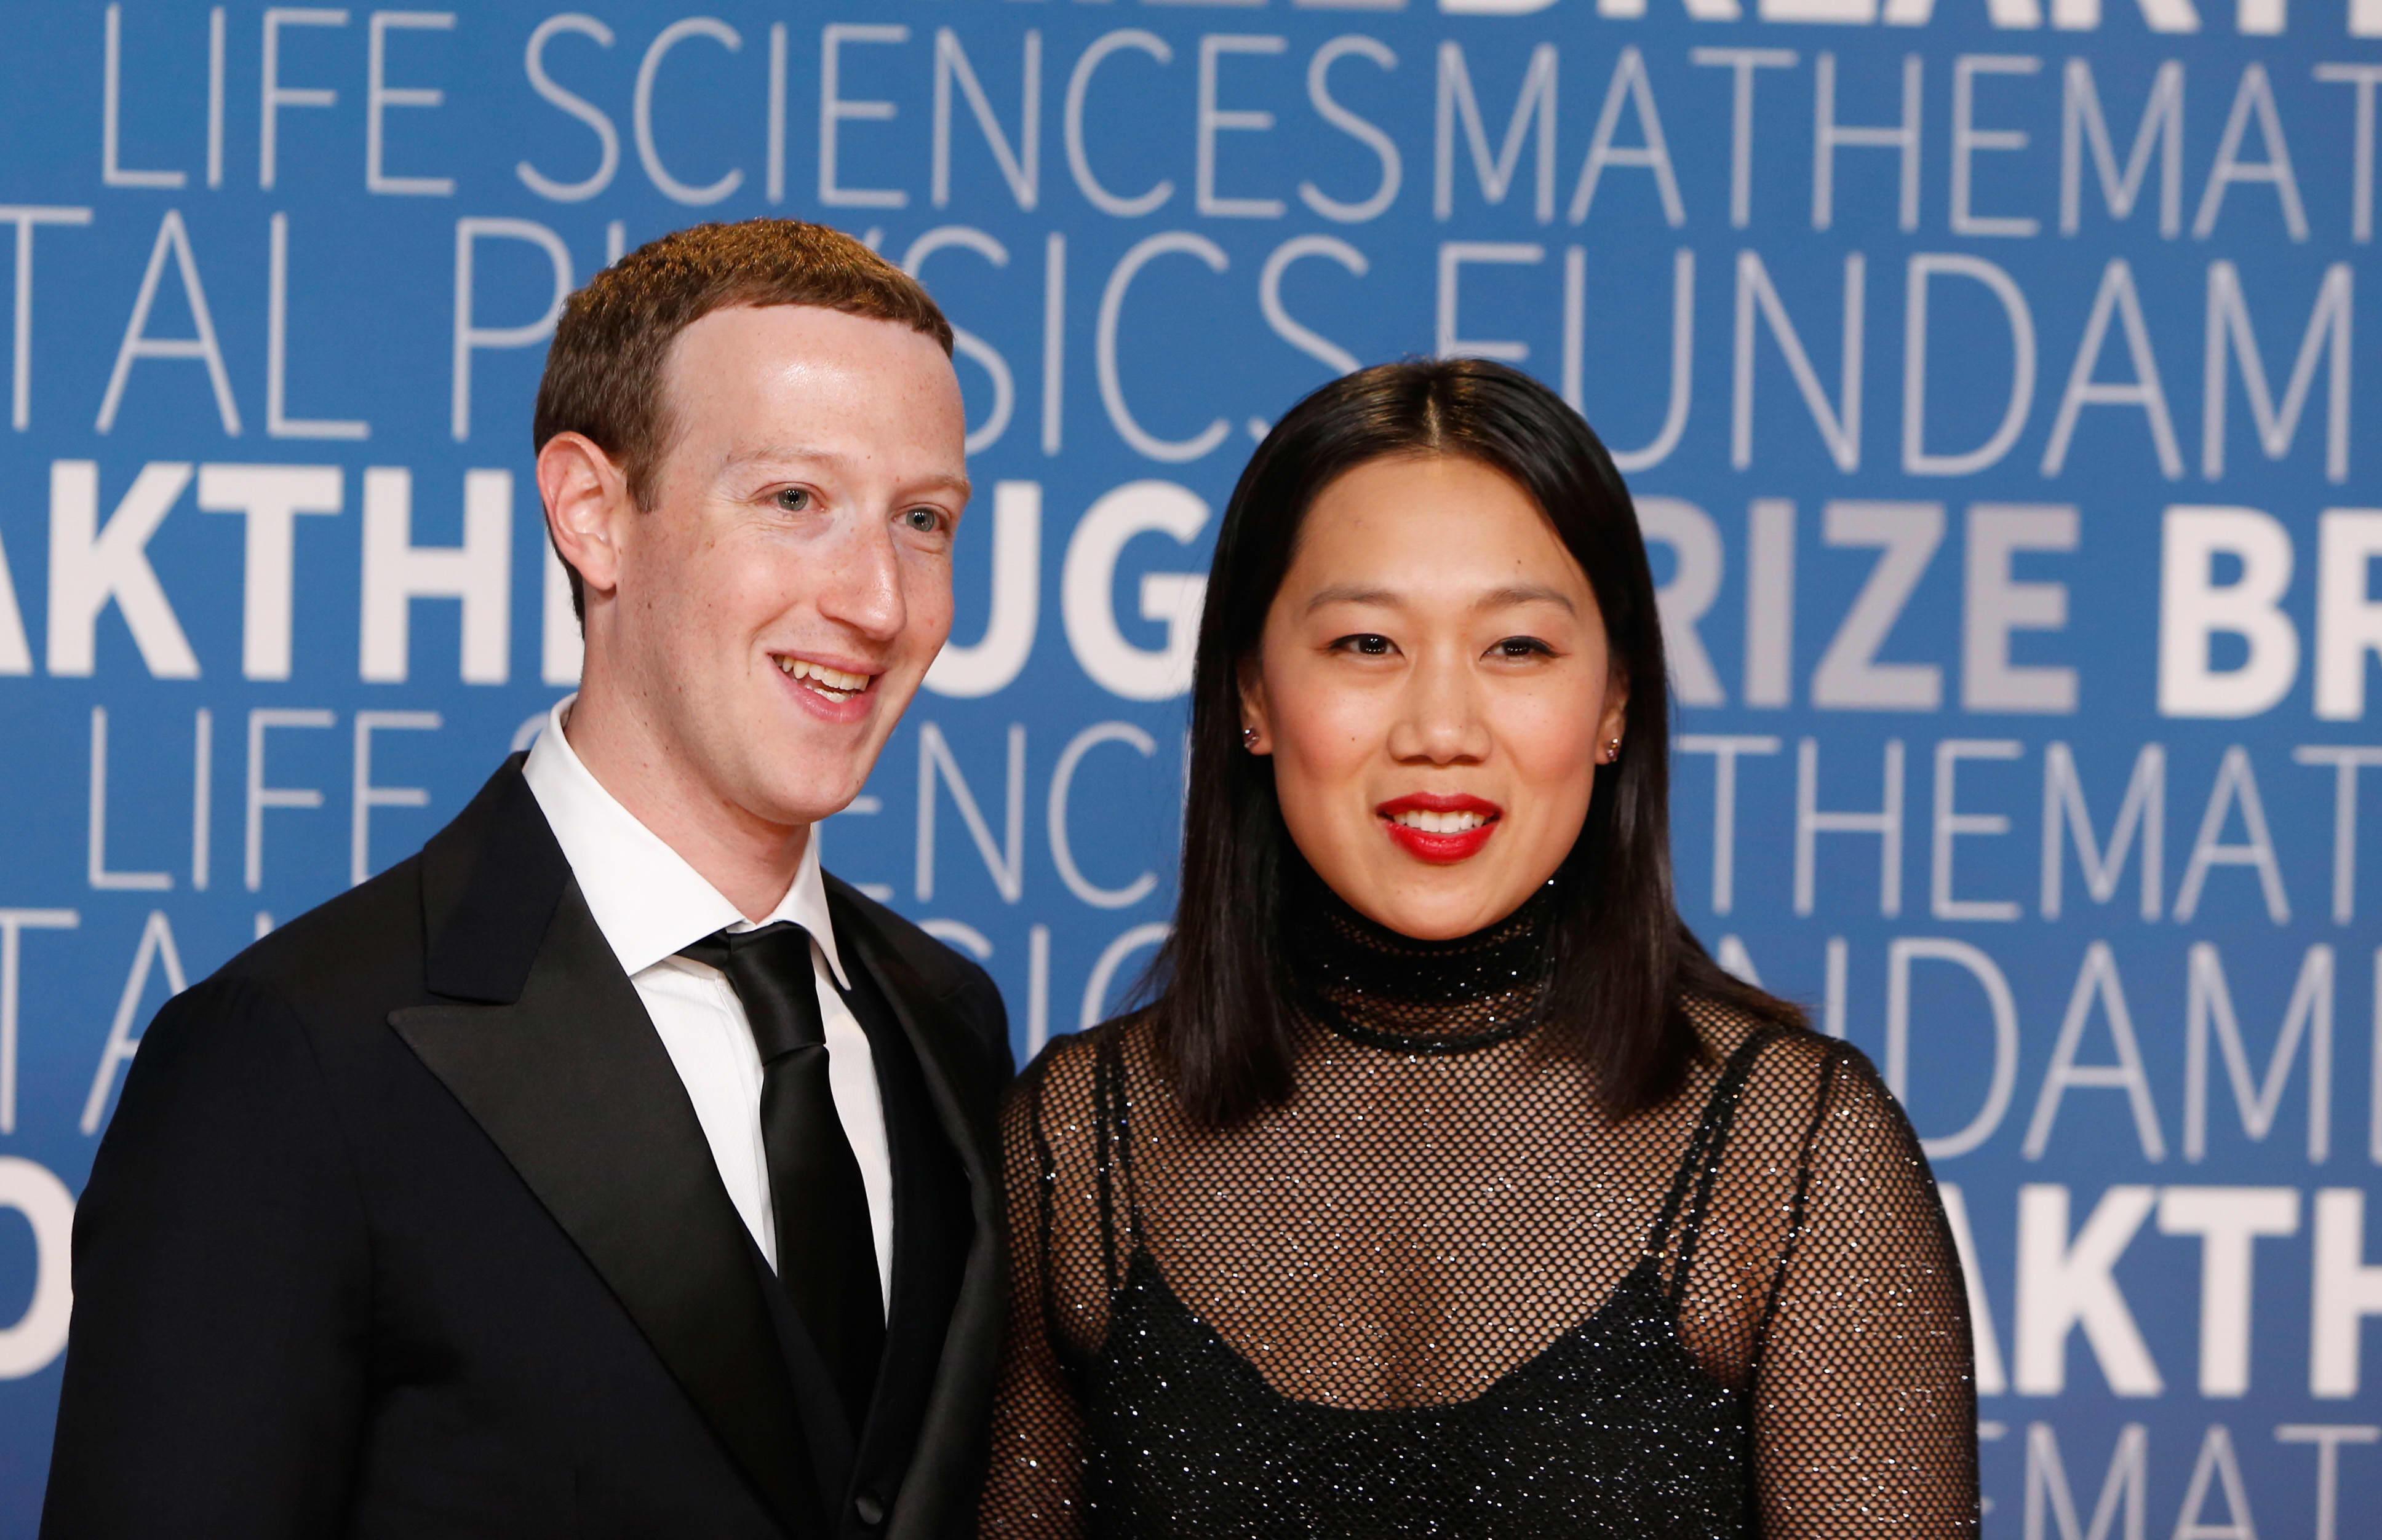 Mark Zuckerberg built 'sleep box' to help wife Priscilla Chan sleep